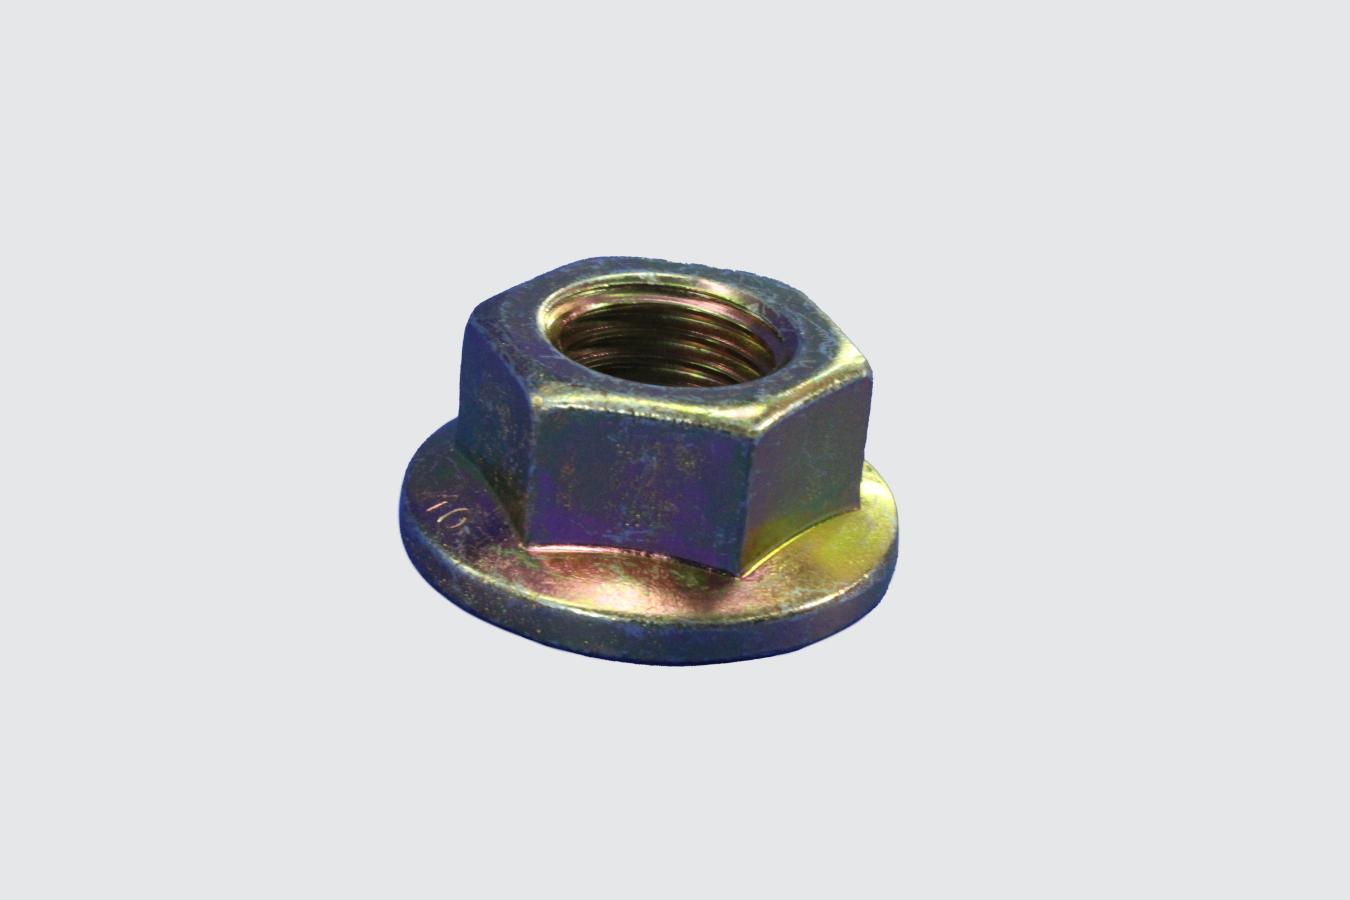 36879211-NUT, M16-2.0 HEX FLANGE CLASS 10 ZINC